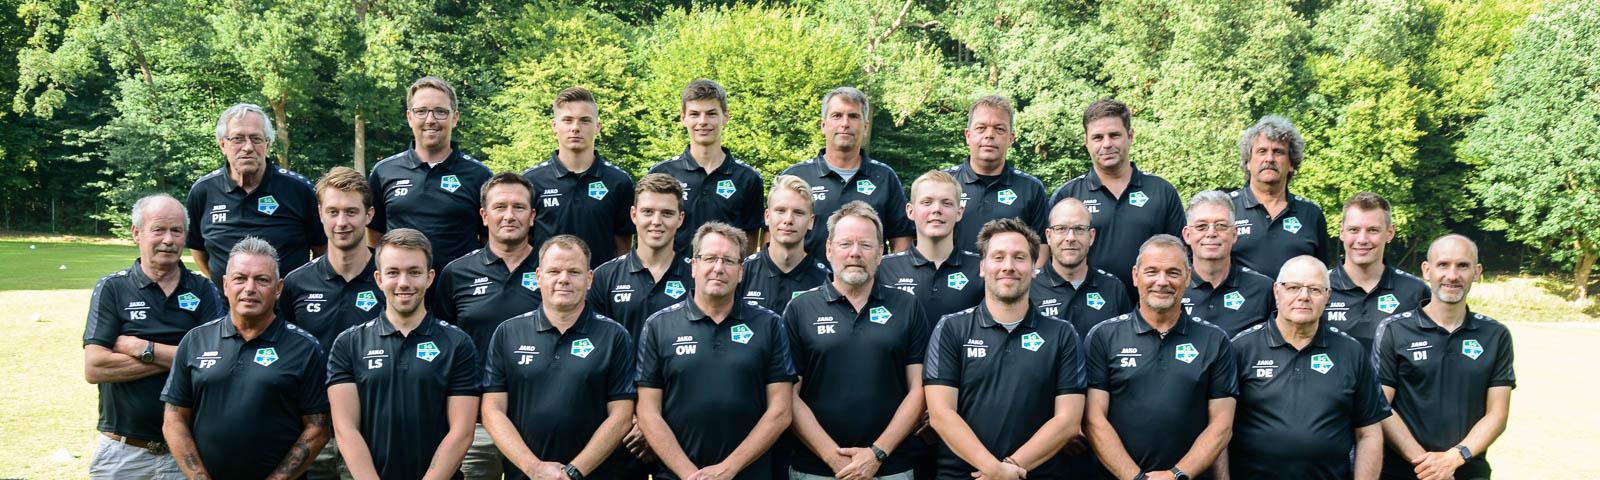 Unser Team für die kommende Saison